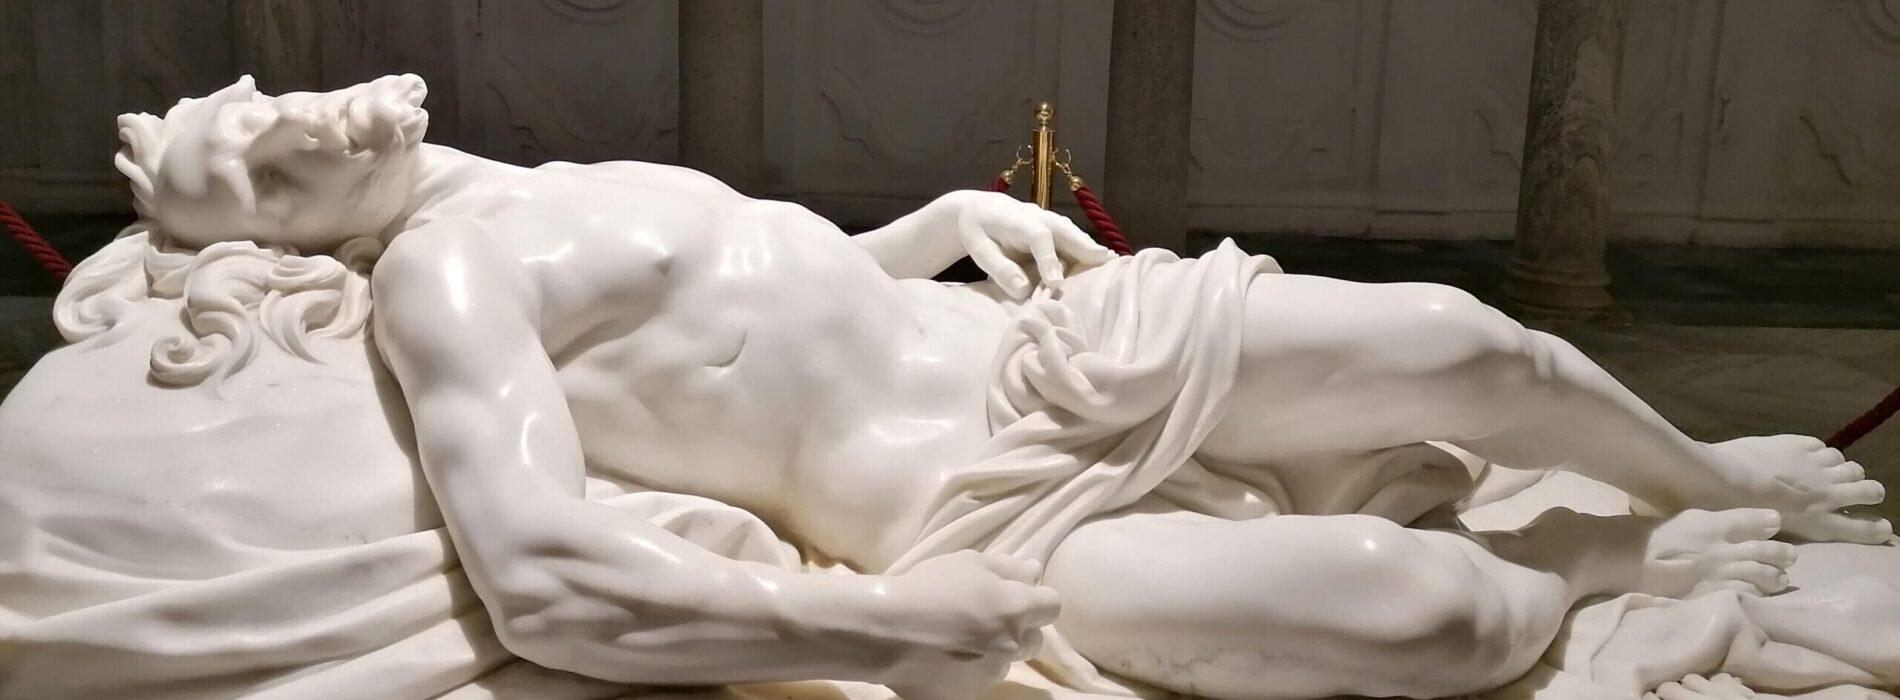 La Pasqua e la Passione, il Cristo deposto di Matteo Bottigliero